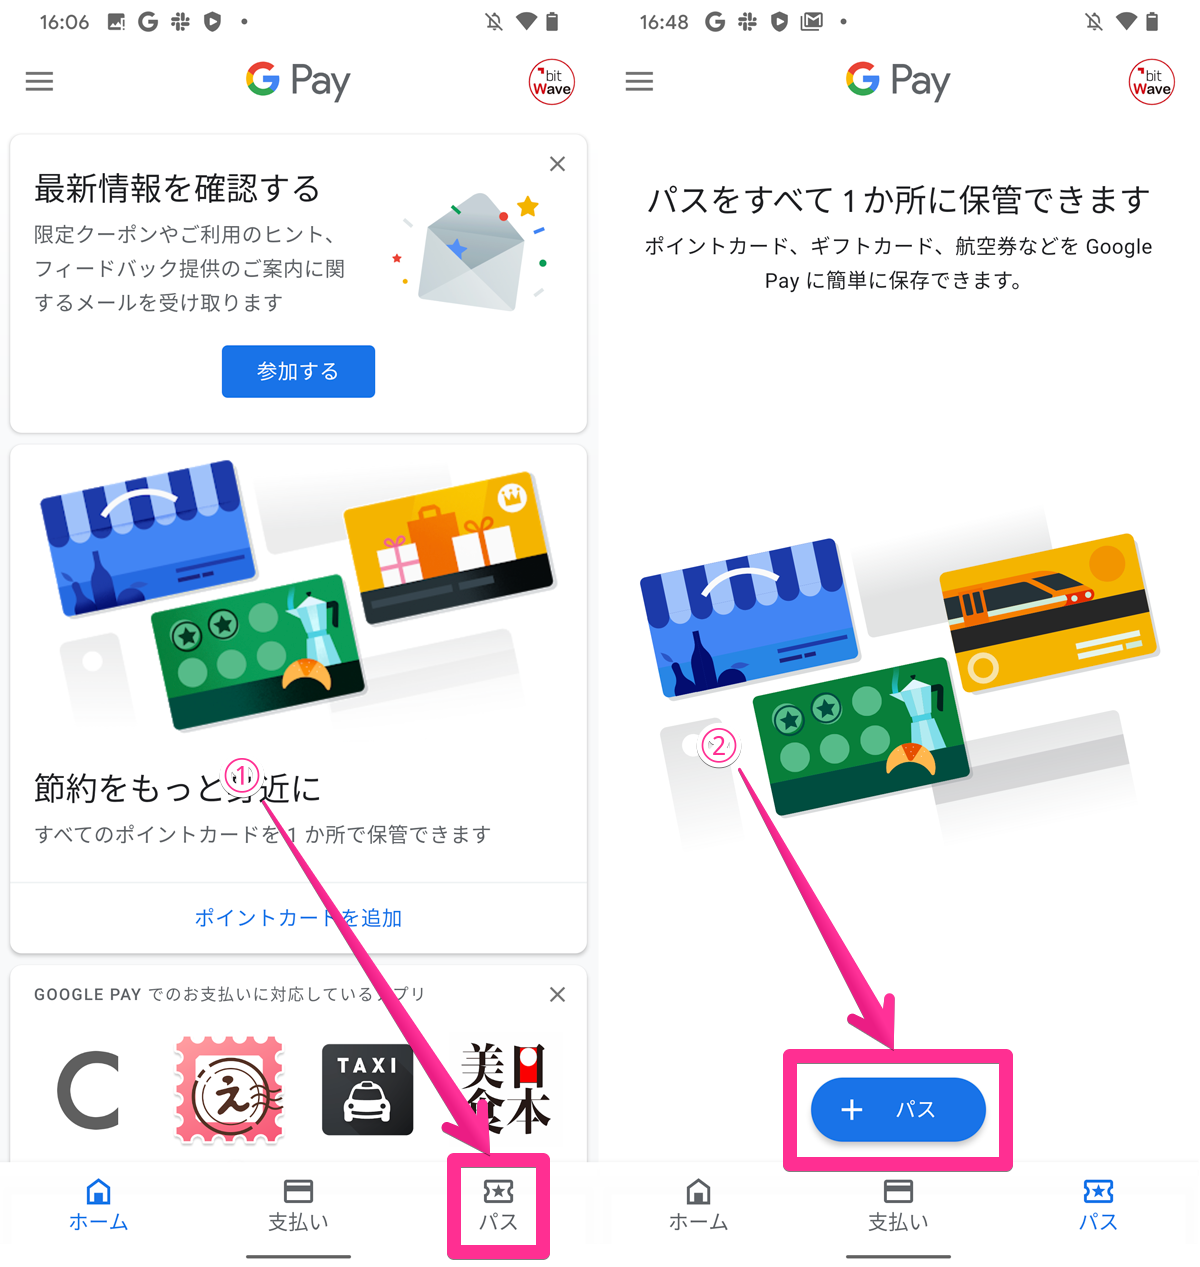 googlepayパス選択